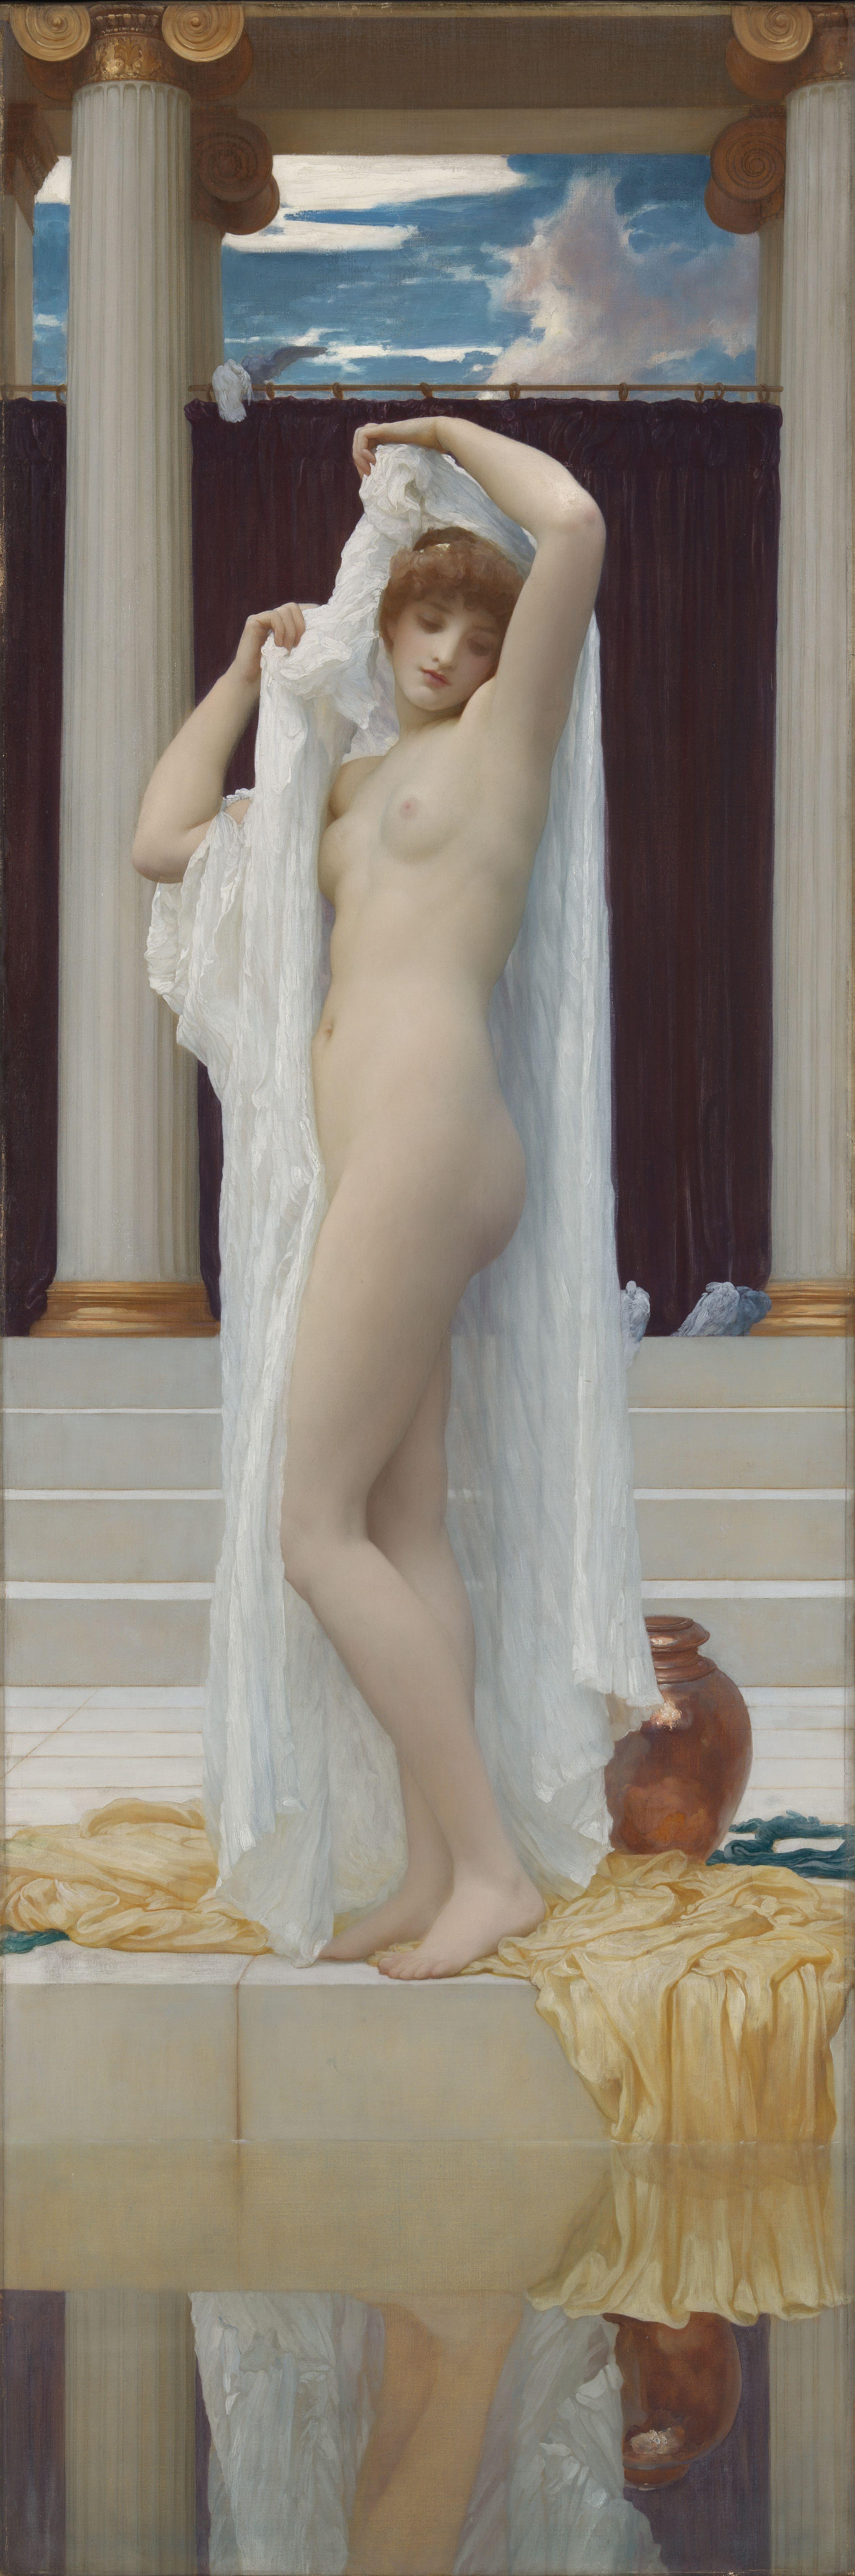 《裸:泰德美術館典藏大展》